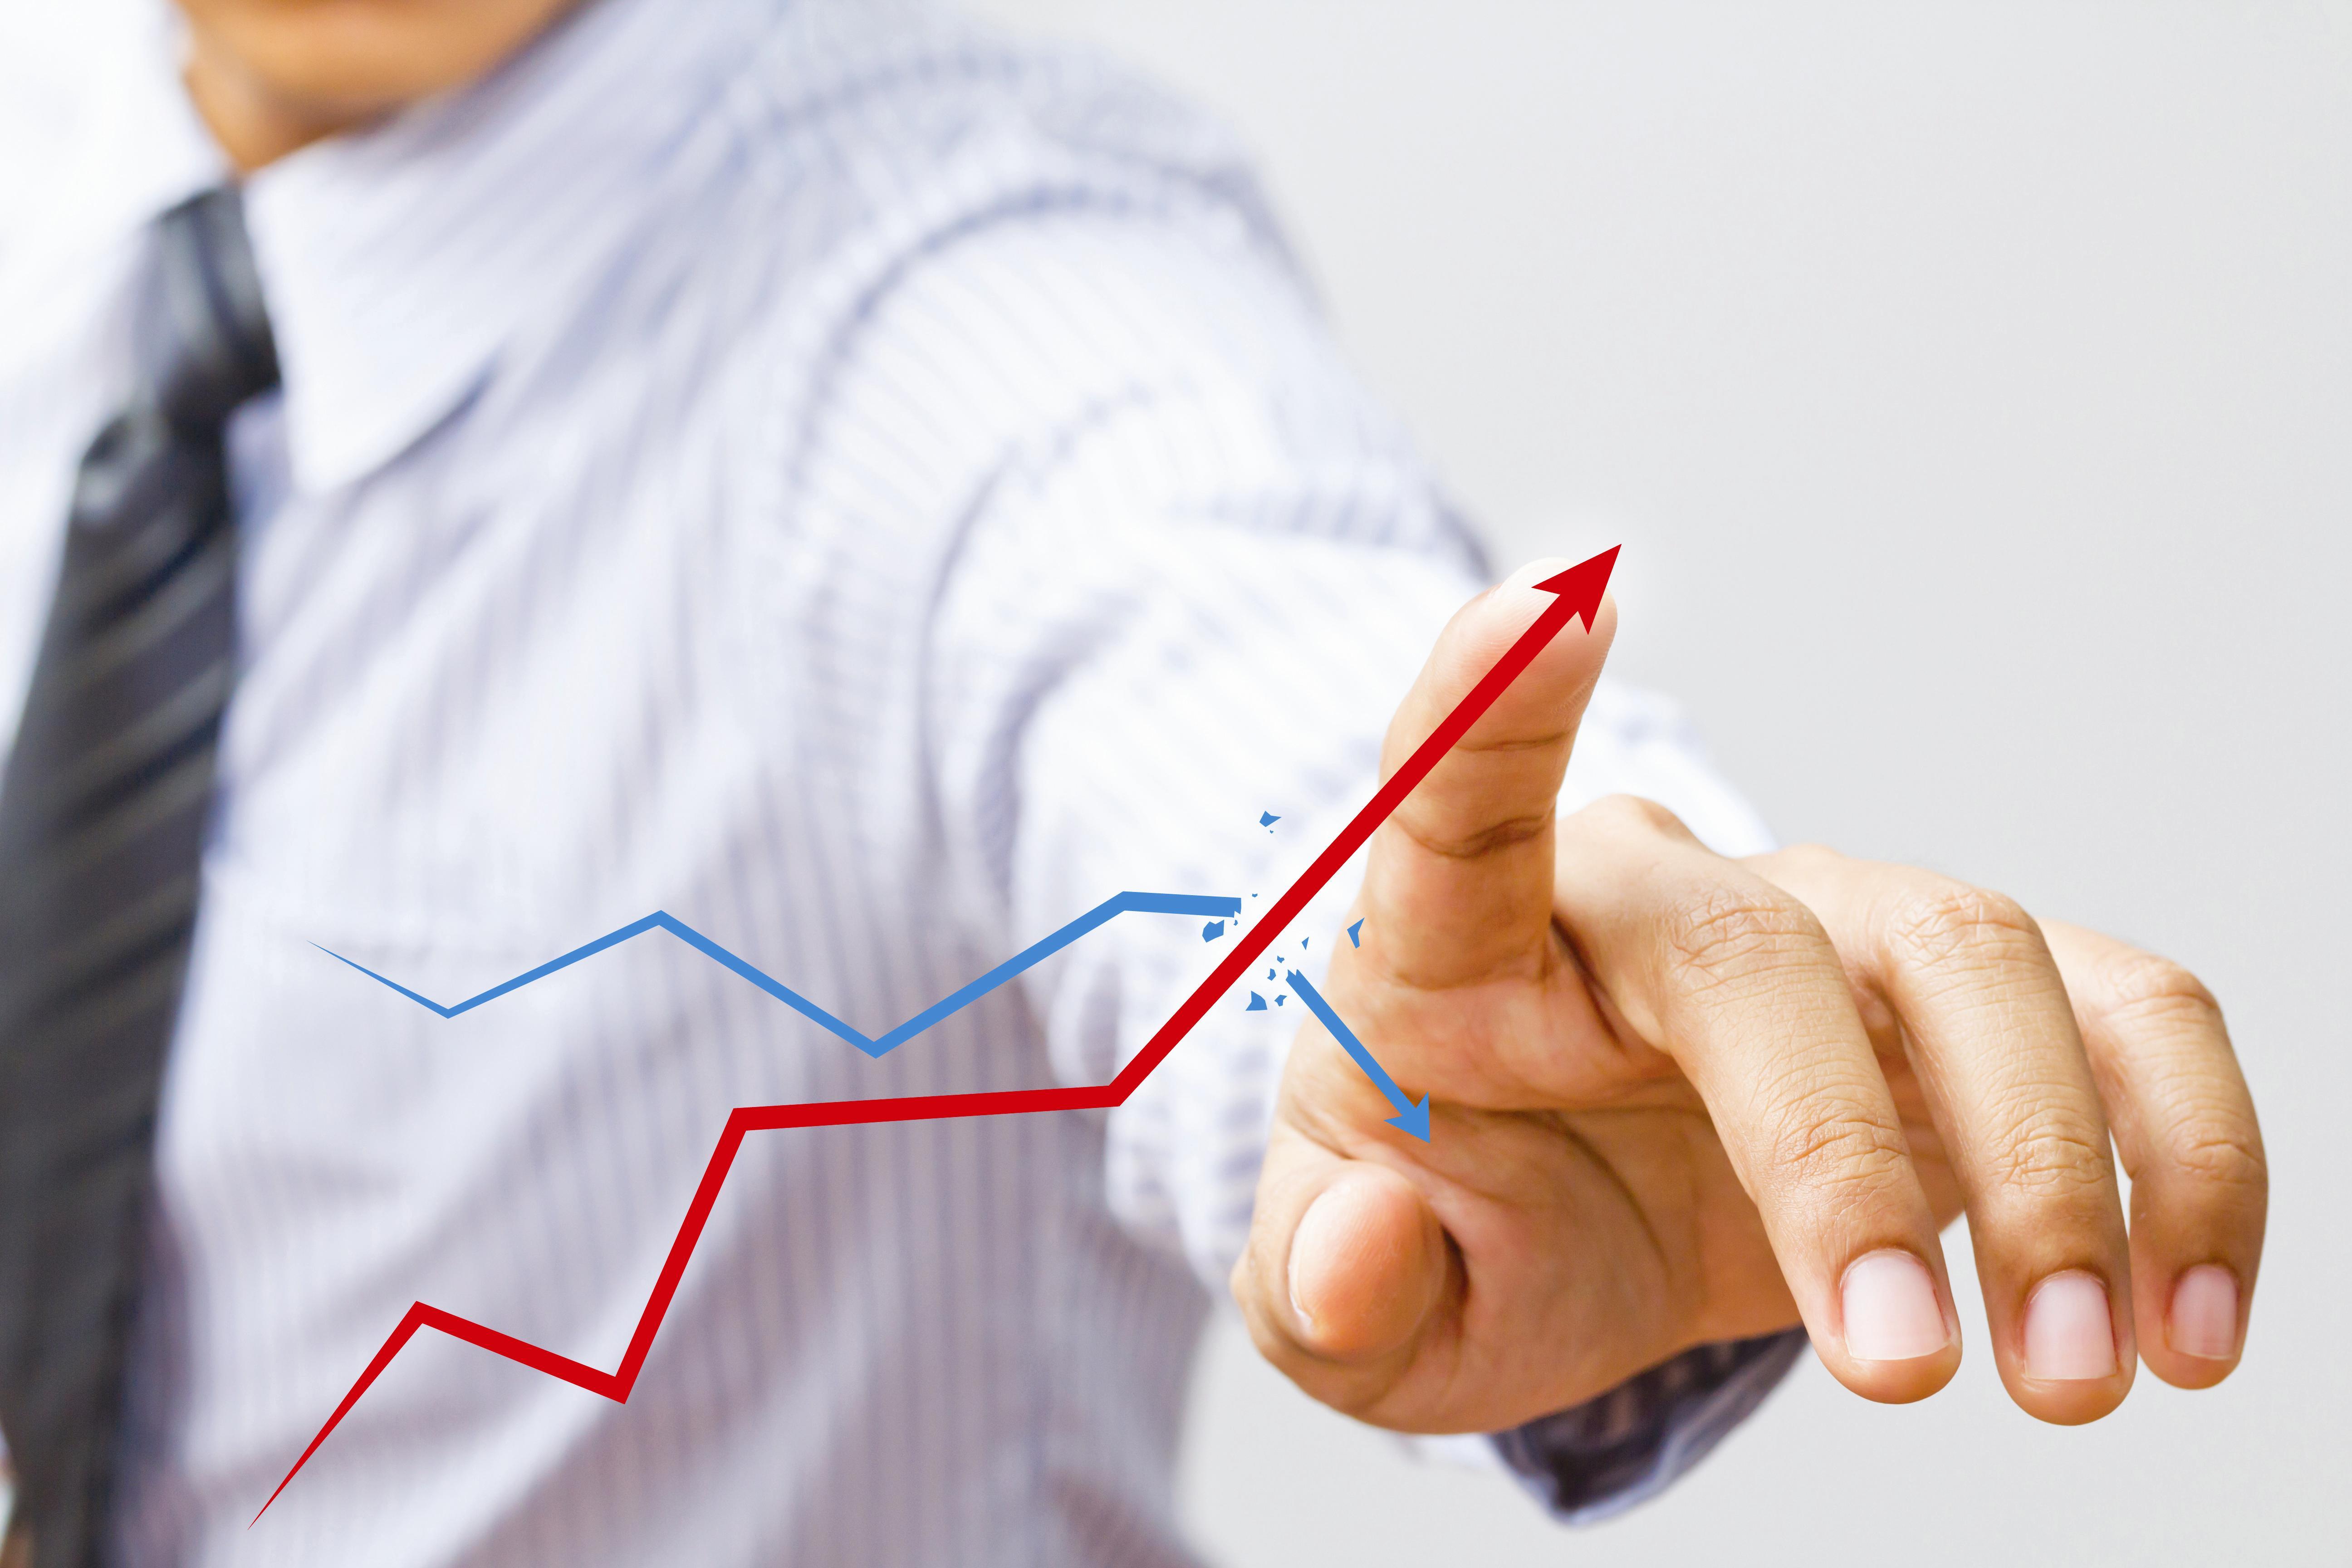 Solução adequada de supply chain alavanca resultados do varejo e da indústria